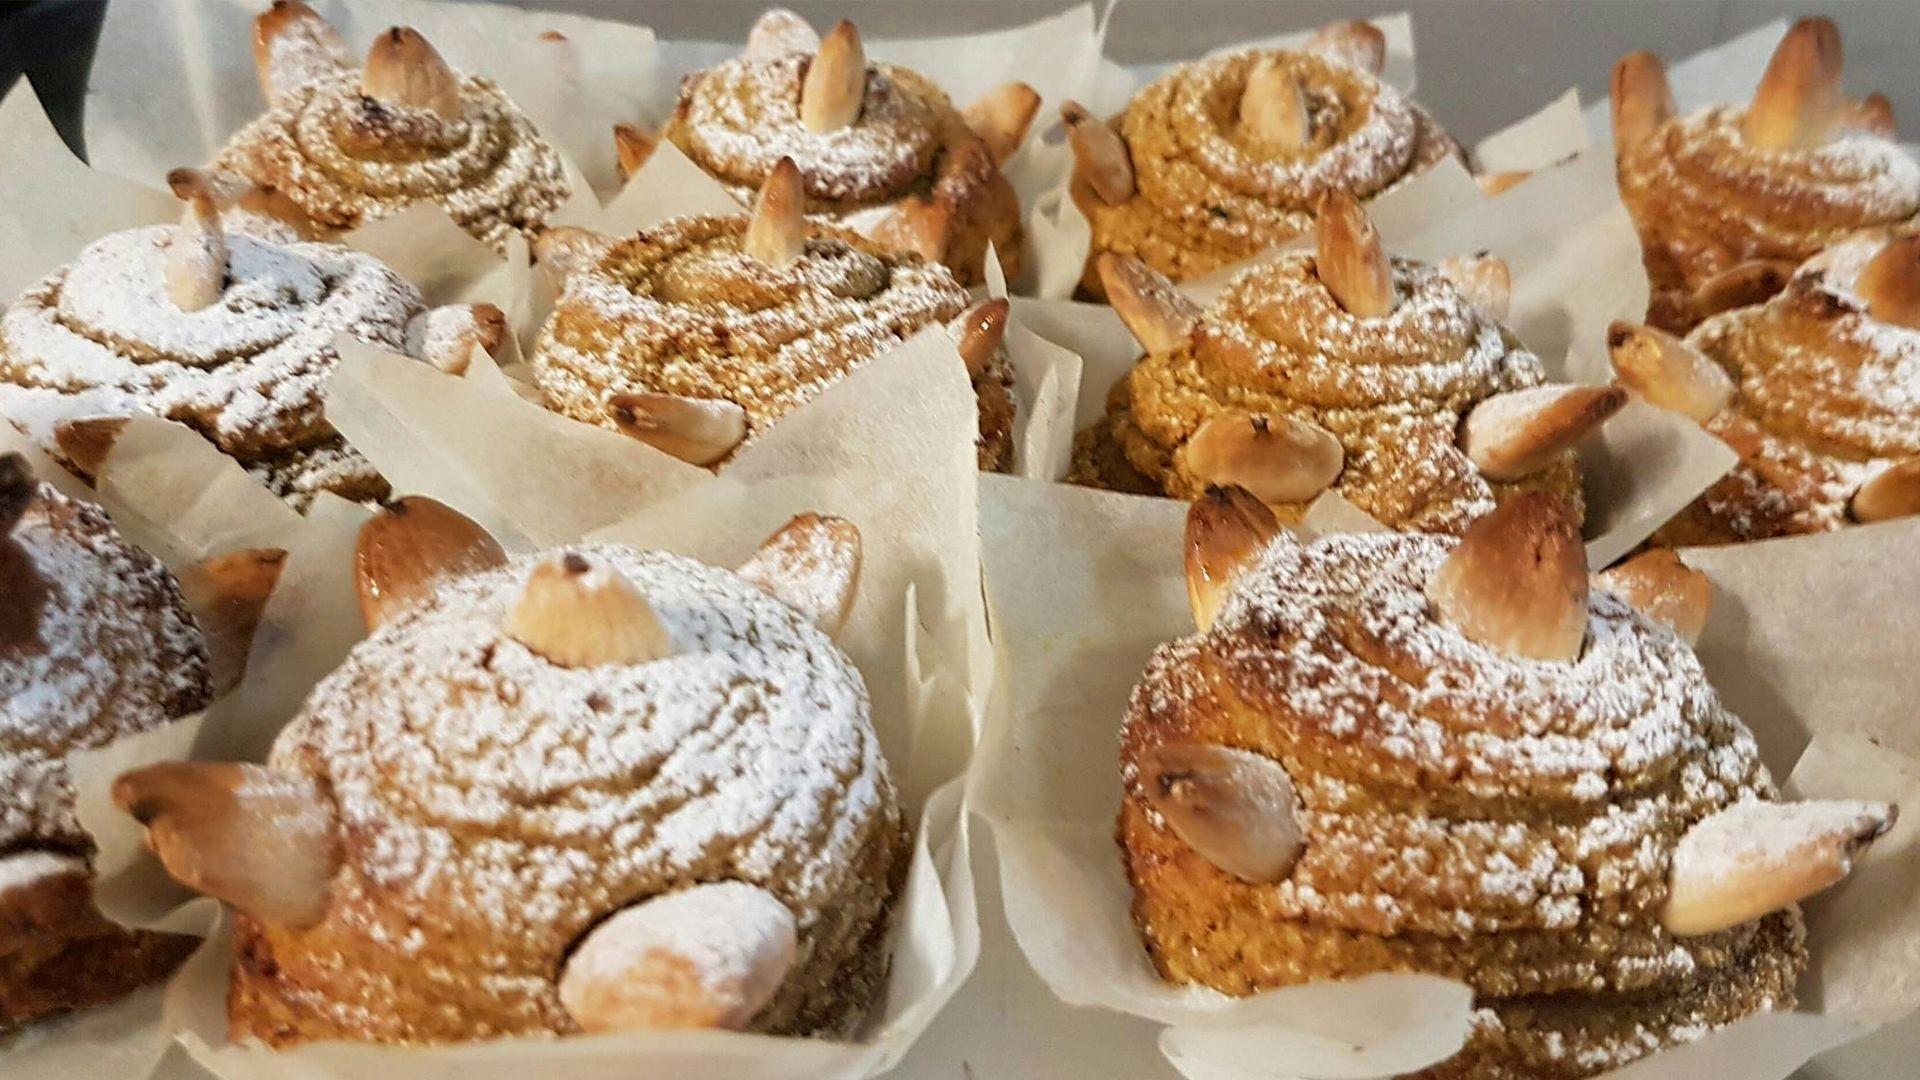 Panadería y pastelería artesanal en Valencia